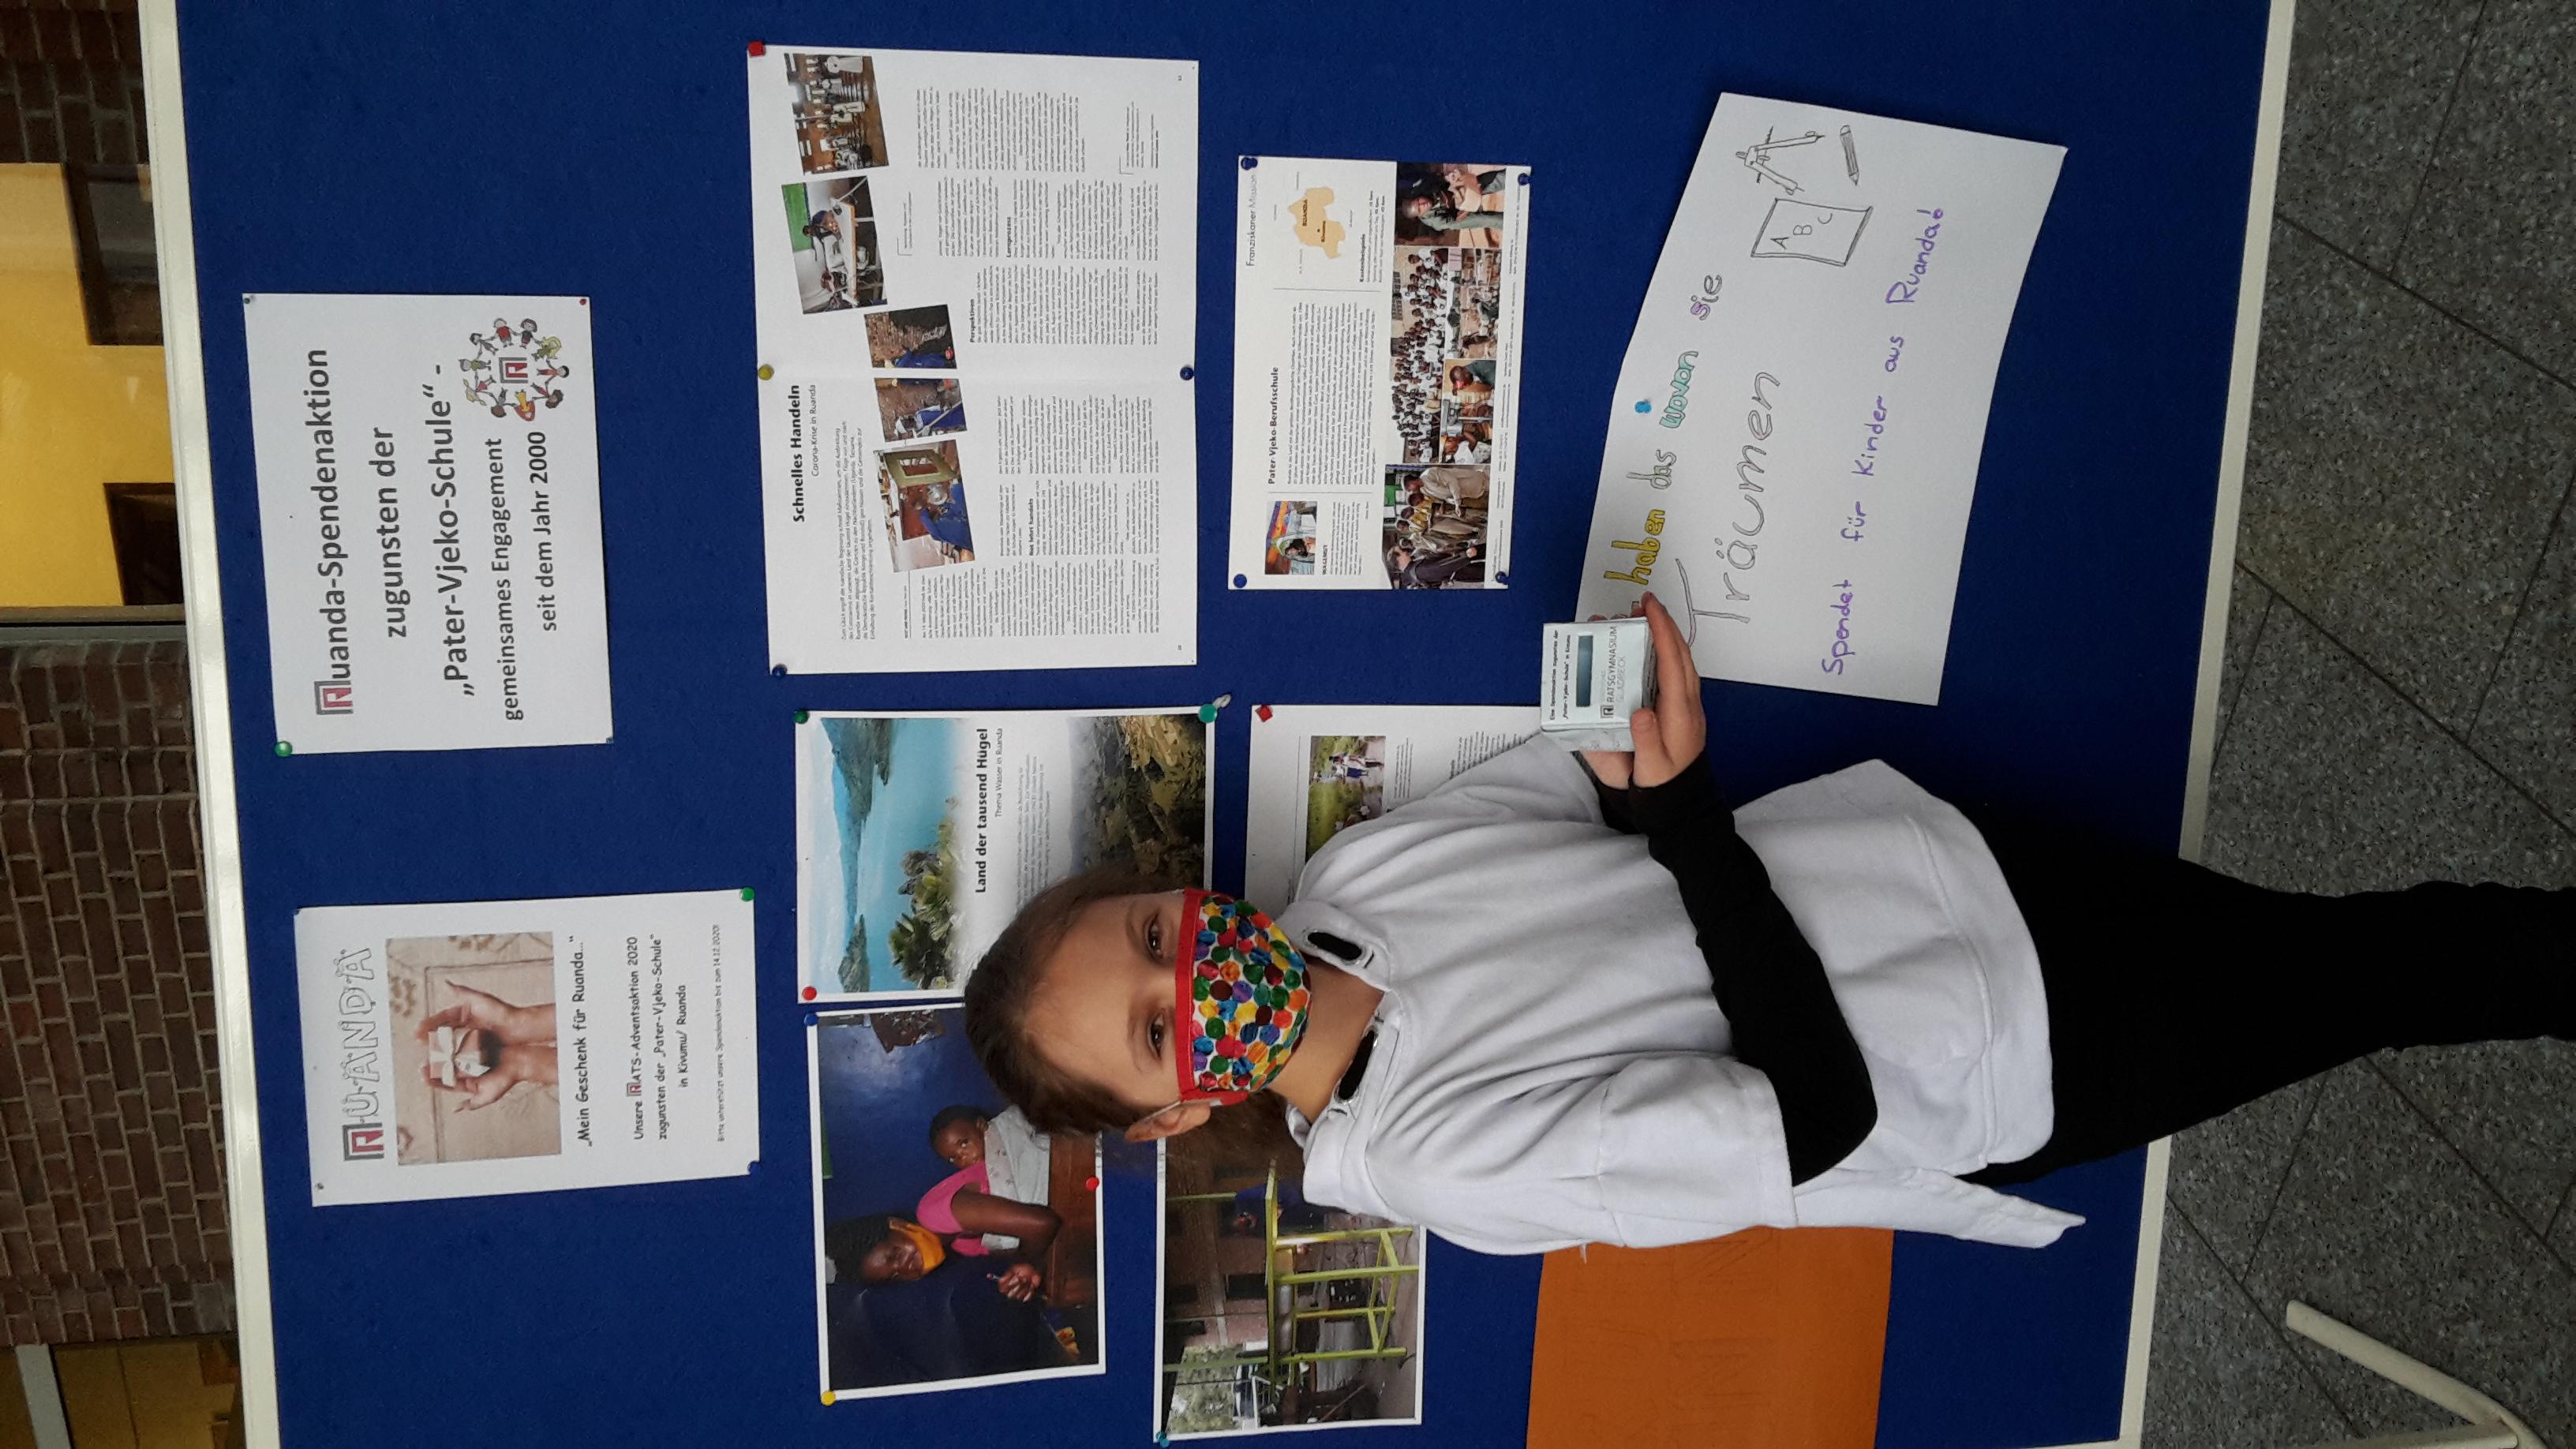 Das Bild zeigt eine Schülerin vor einer Stellwand, die das Projekt vorstellt.